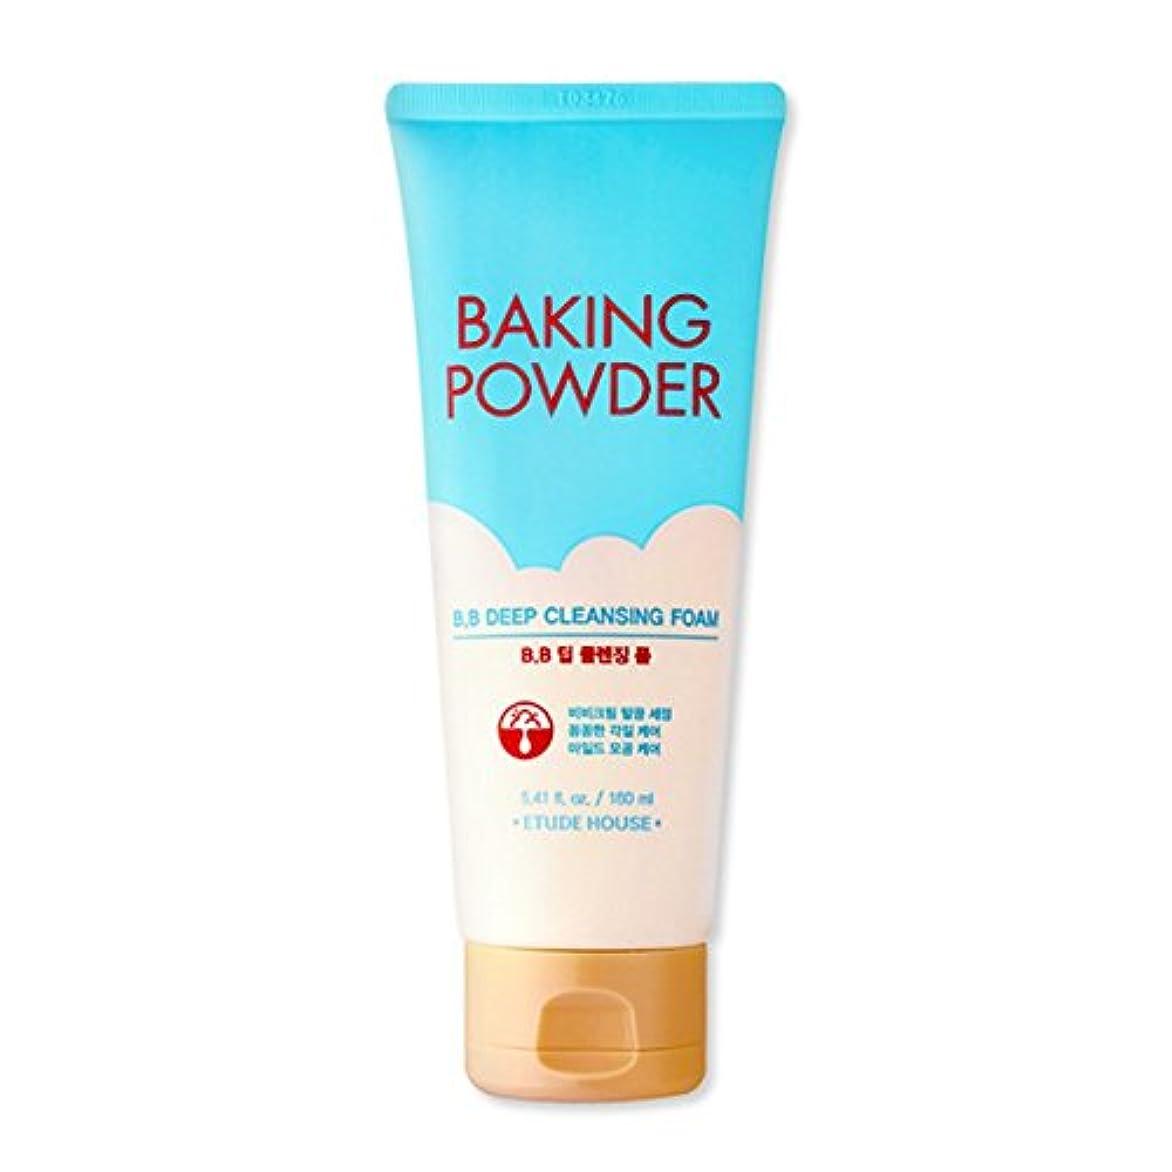 ゆりかご交換可能指令[2016 Upgrade!] ETUDE HOUSE Baking Powder B.B Deep Cleansing Foam 160ml/エチュードハウス ベーキング パウダー B.B ディープ クレンジング フォーム...